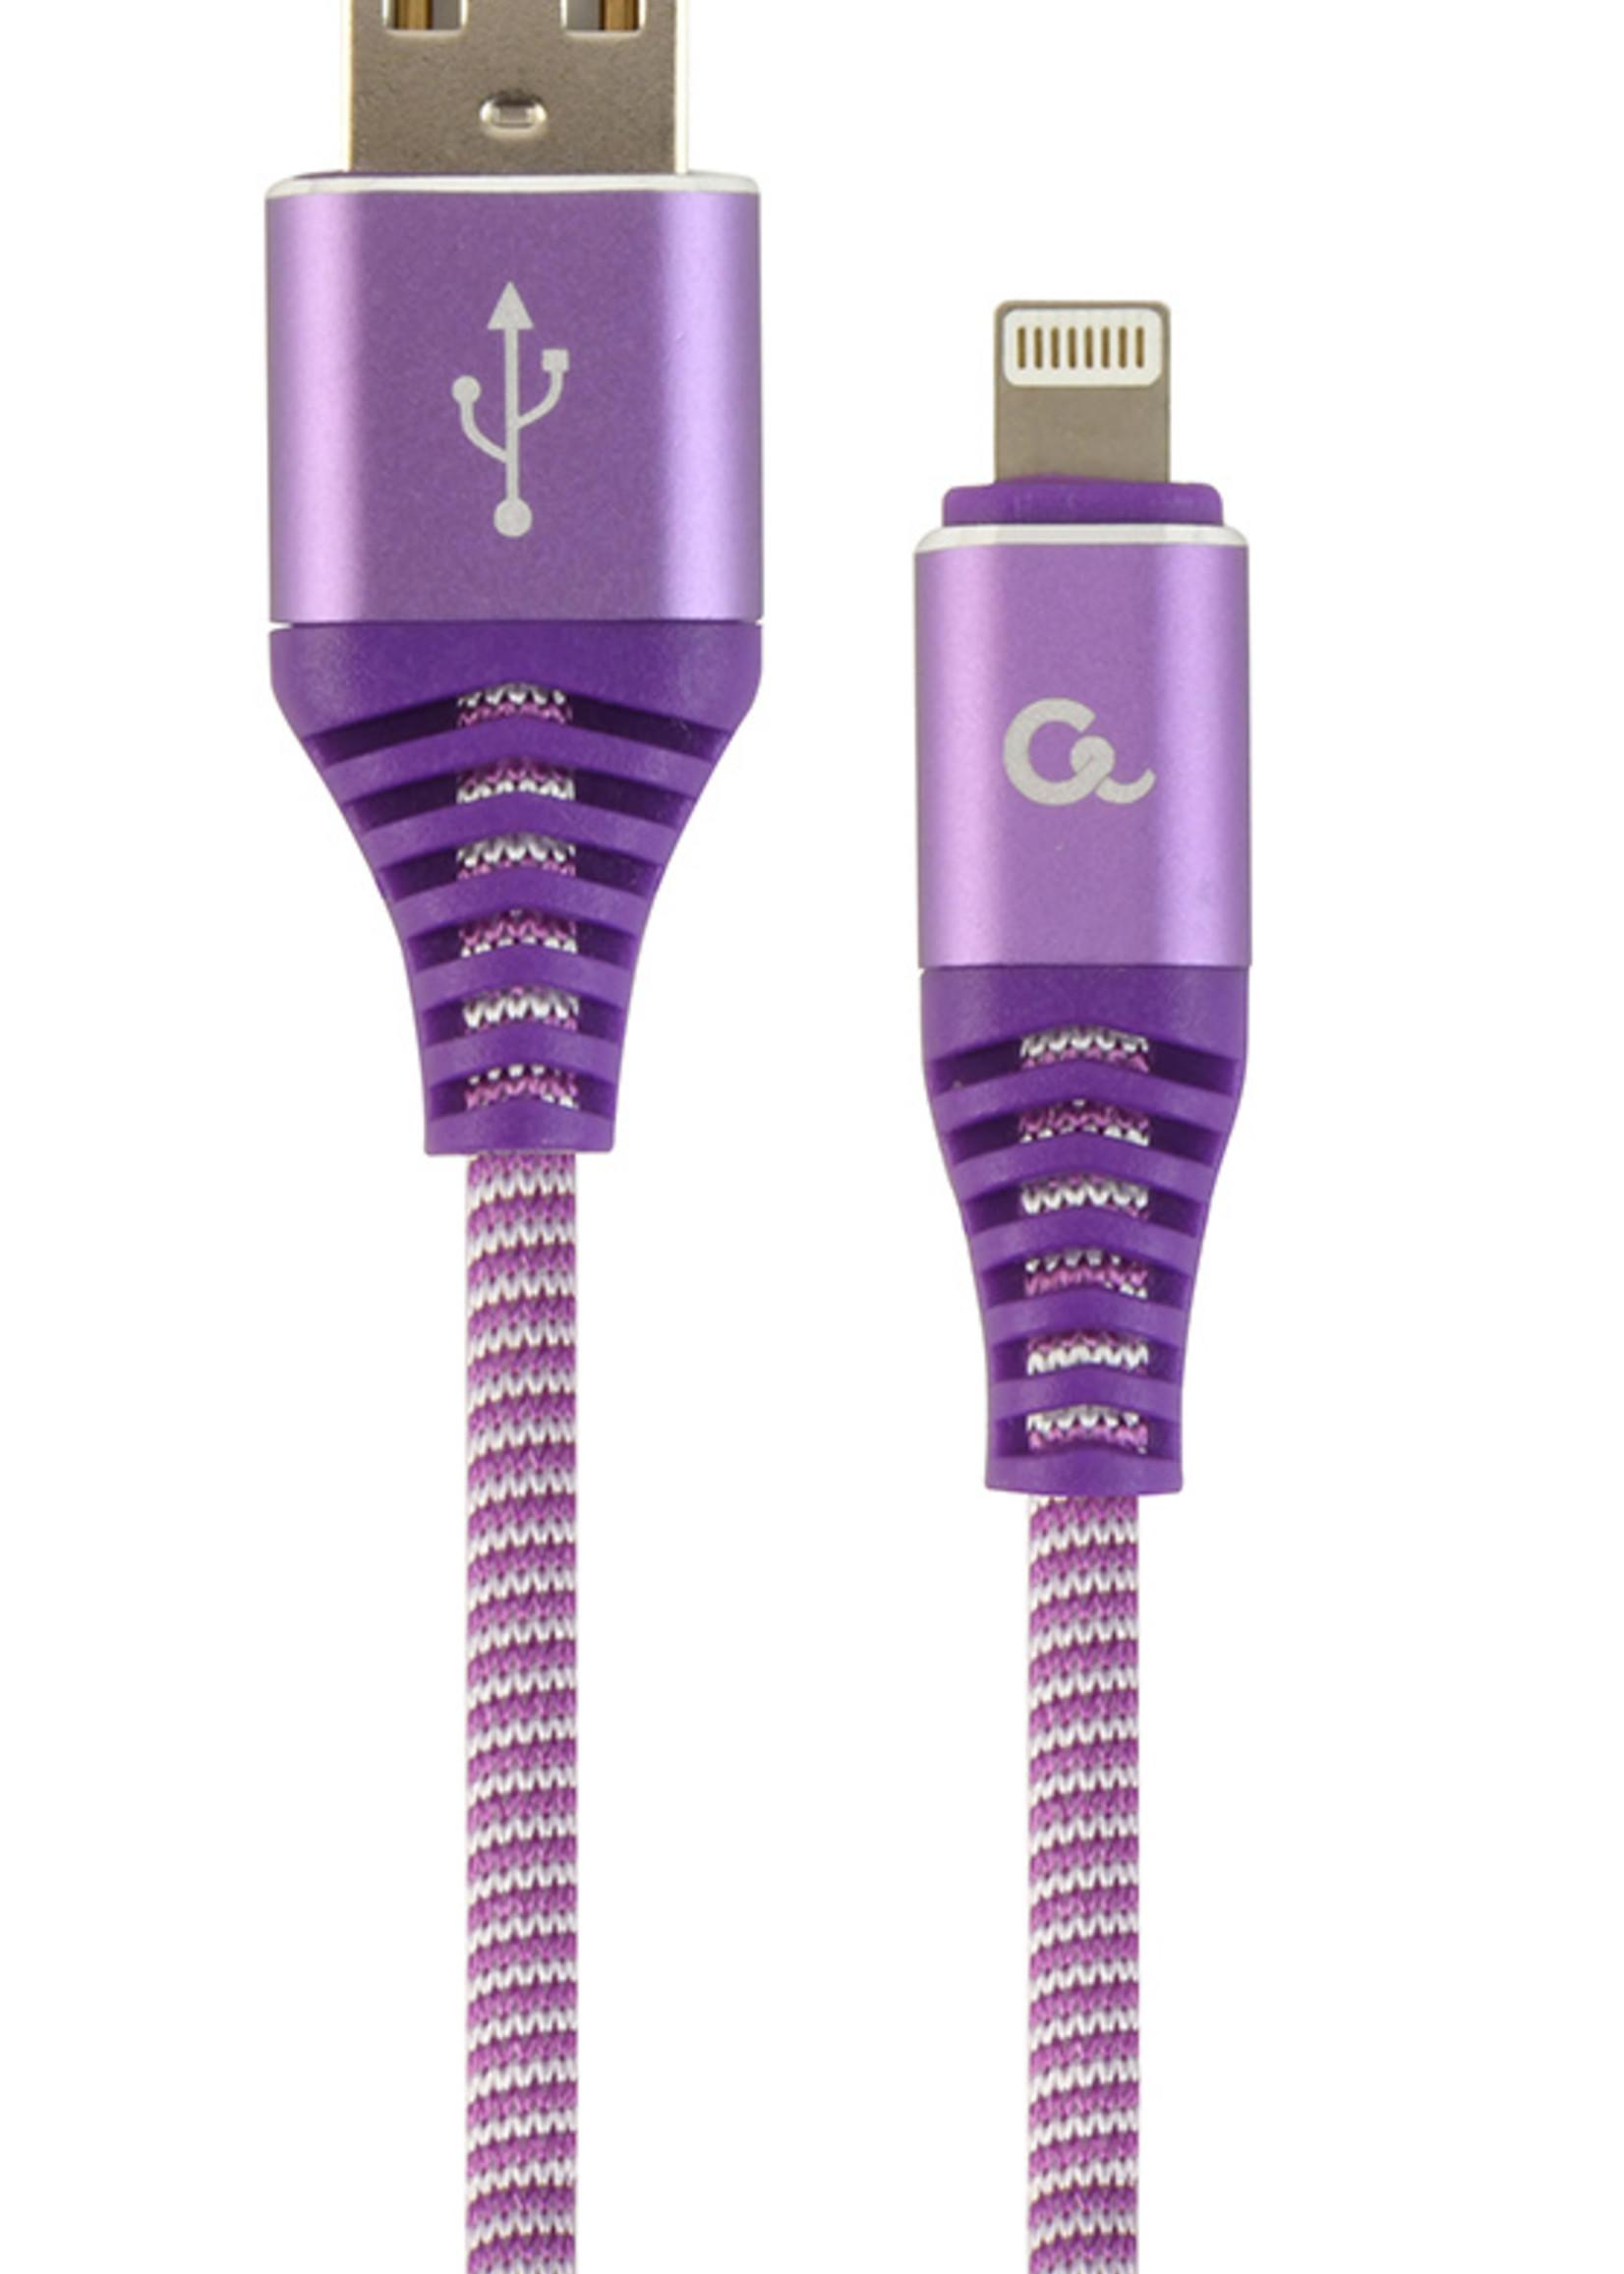 CableXpert Premium 8-pin laad- & datakabel 'katoen', 2 m, paars/wit